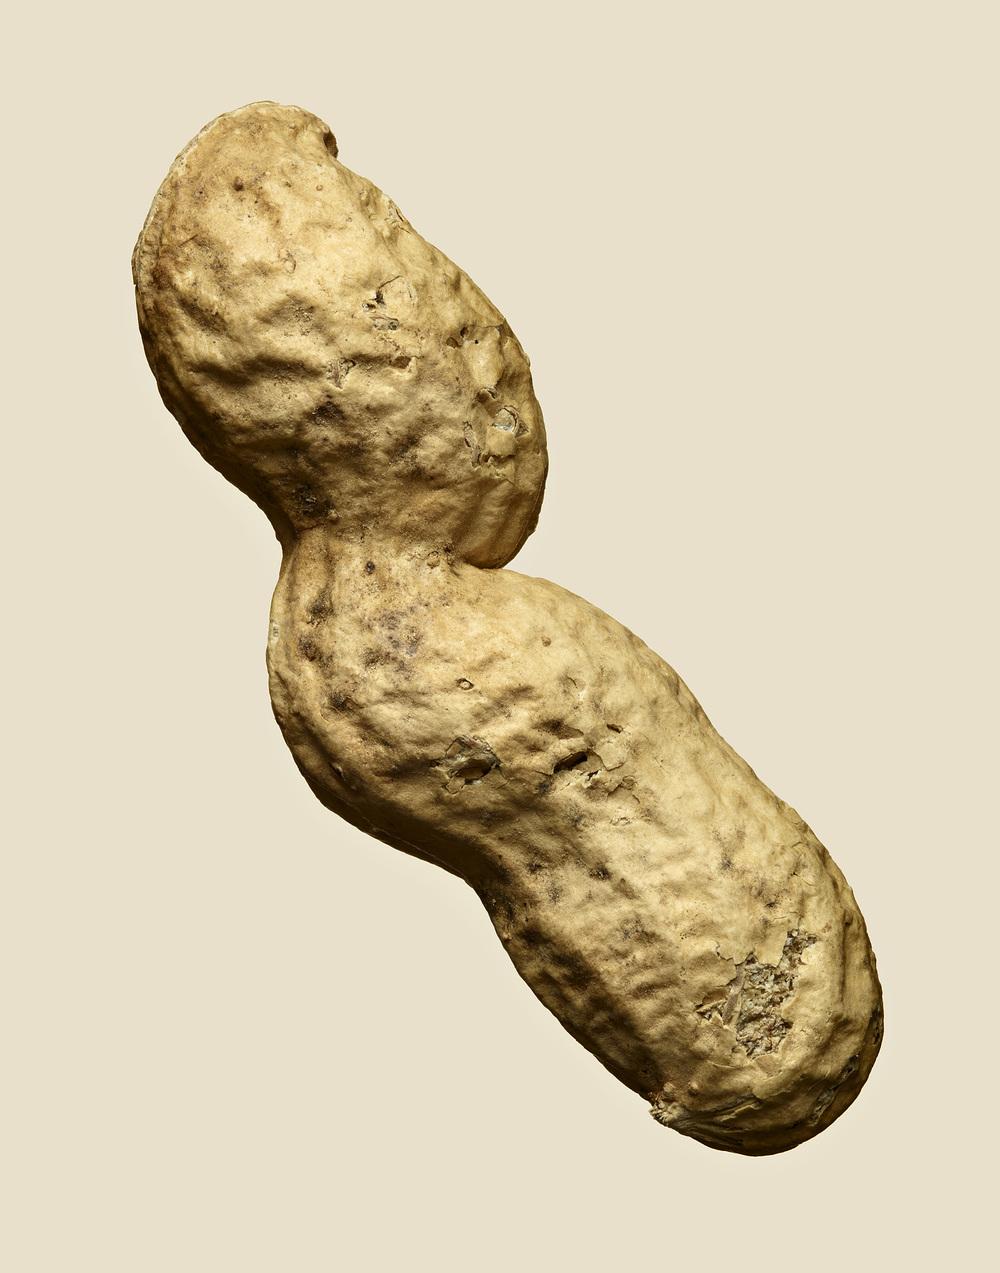 Triple Peanut